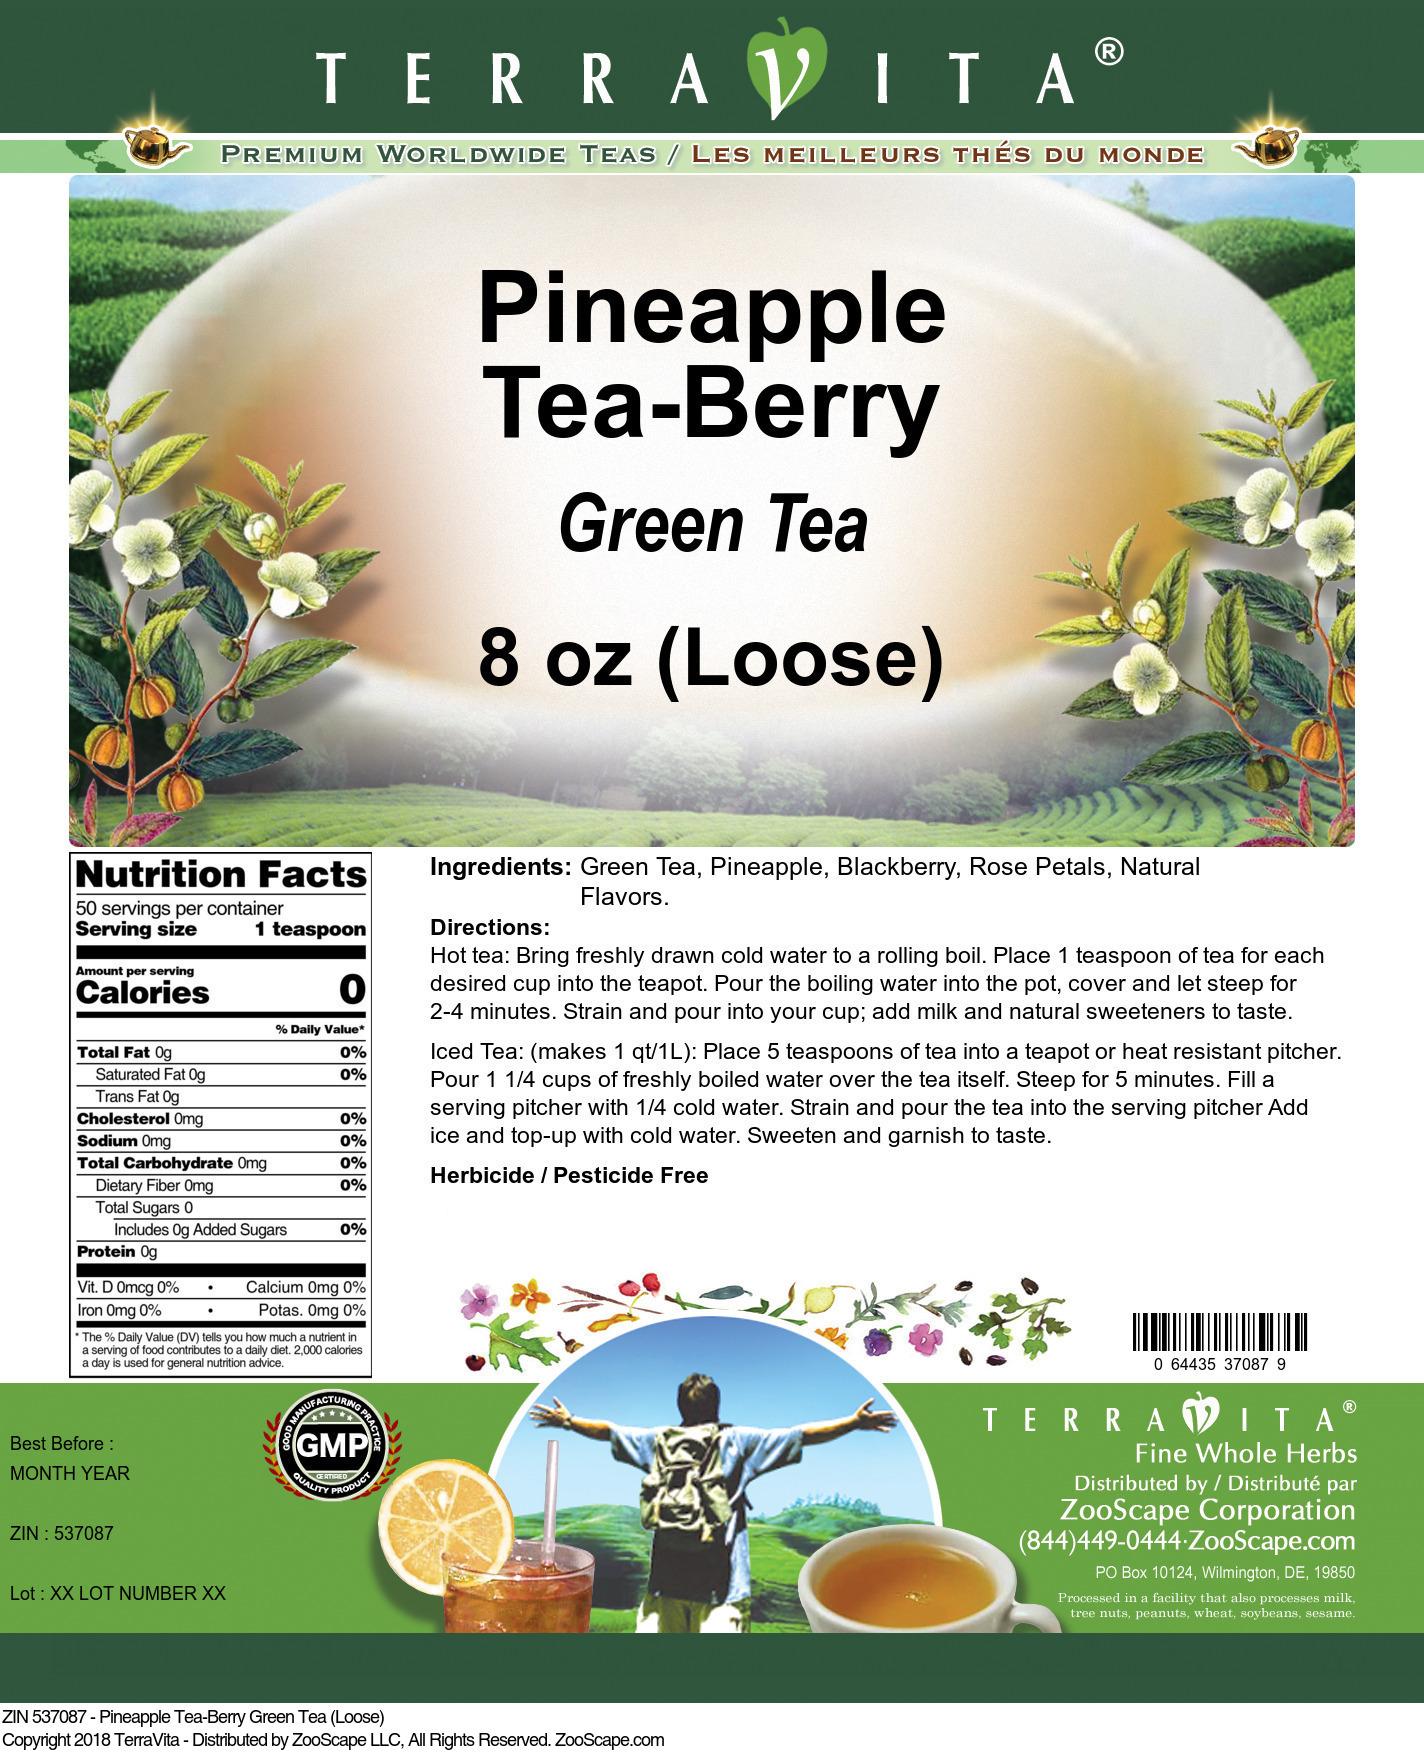 Pineapple Tea-Berry Green Tea (Loose)